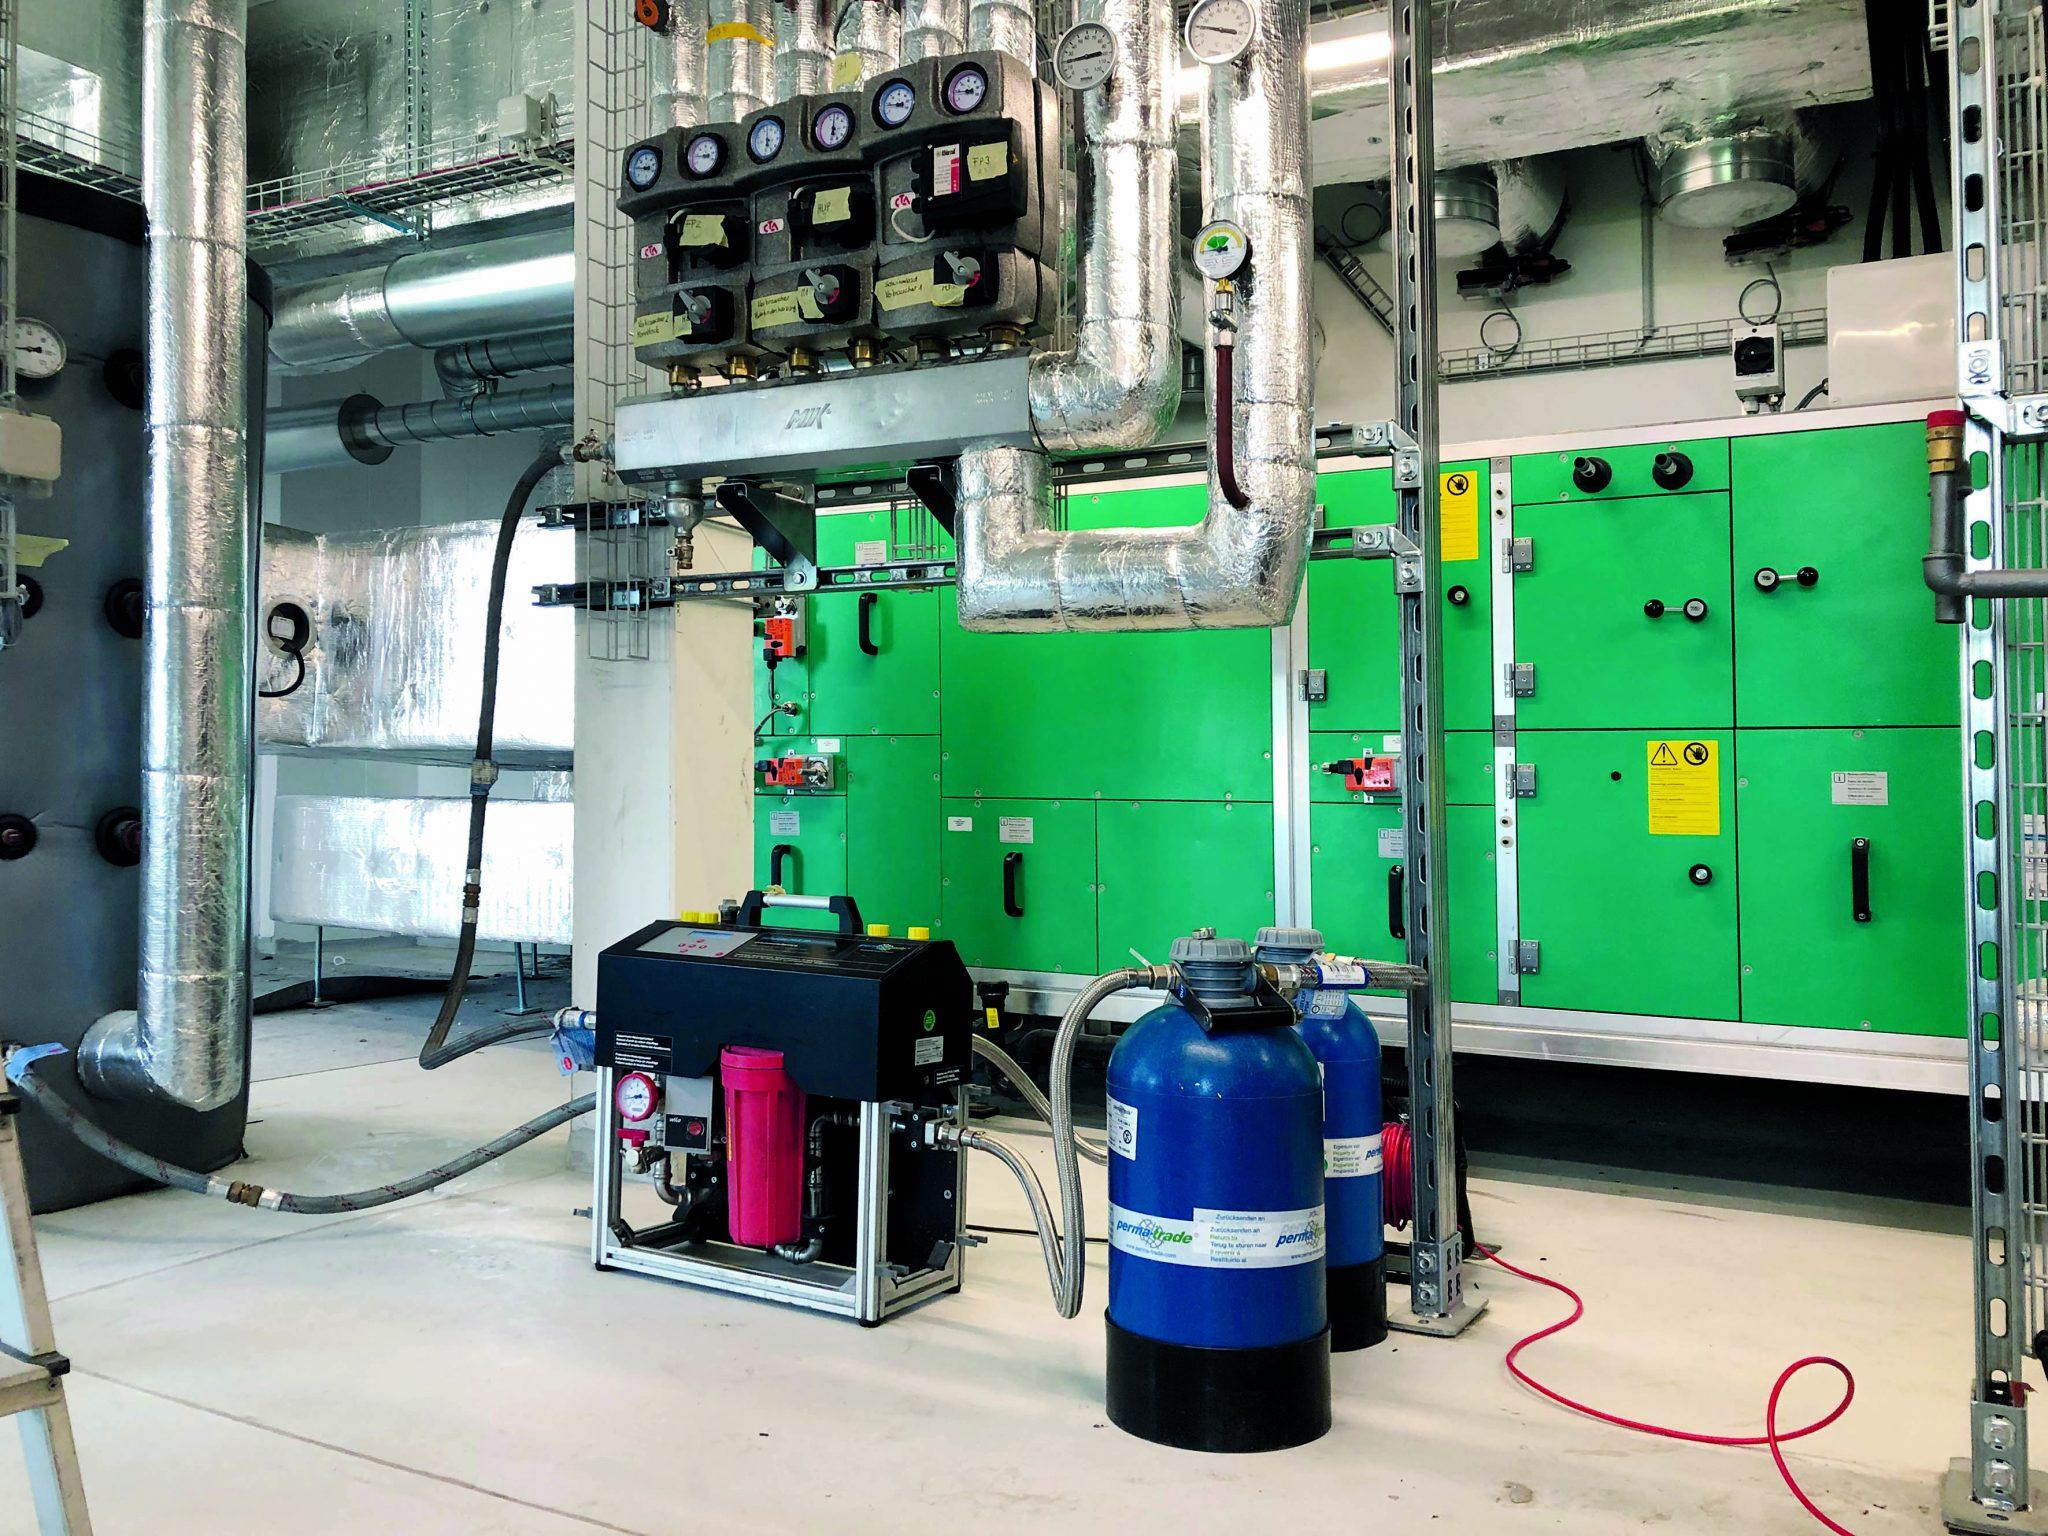 Das Heizsystem des Jabee-Towers wird rein über Wärmepumpen betrieben. Neben Fußbodenheizungen in allen Wohnungen gibt es natürlich auch ein Kälte- und Klimasystem.